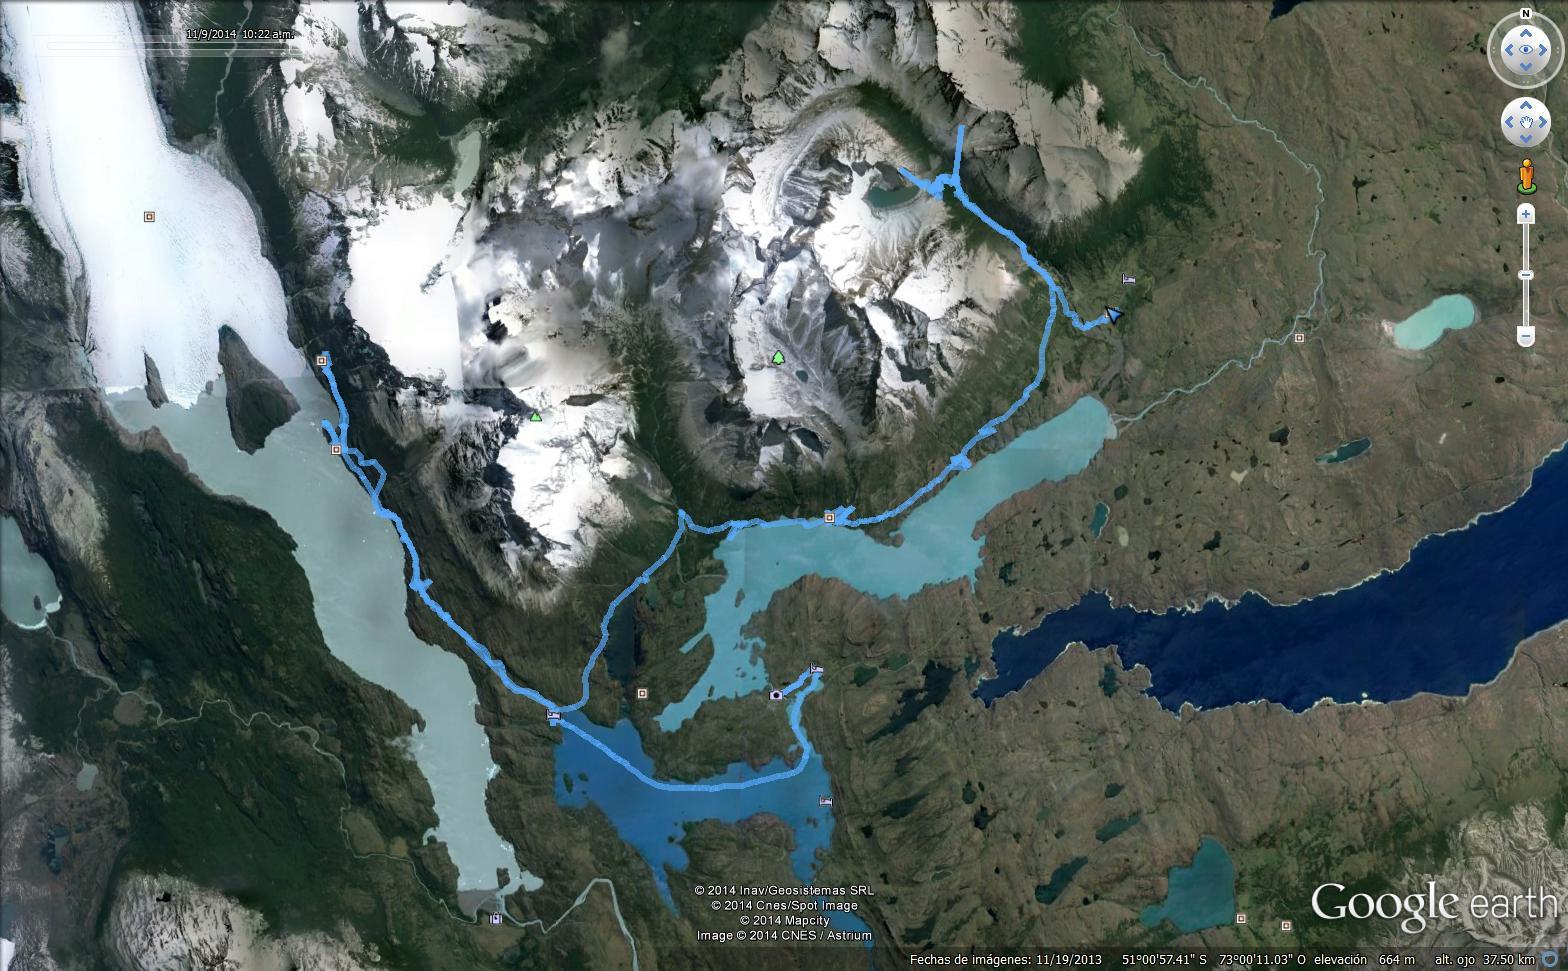 El recorrido de la W en el parque nacional Torres del Paine, Chile